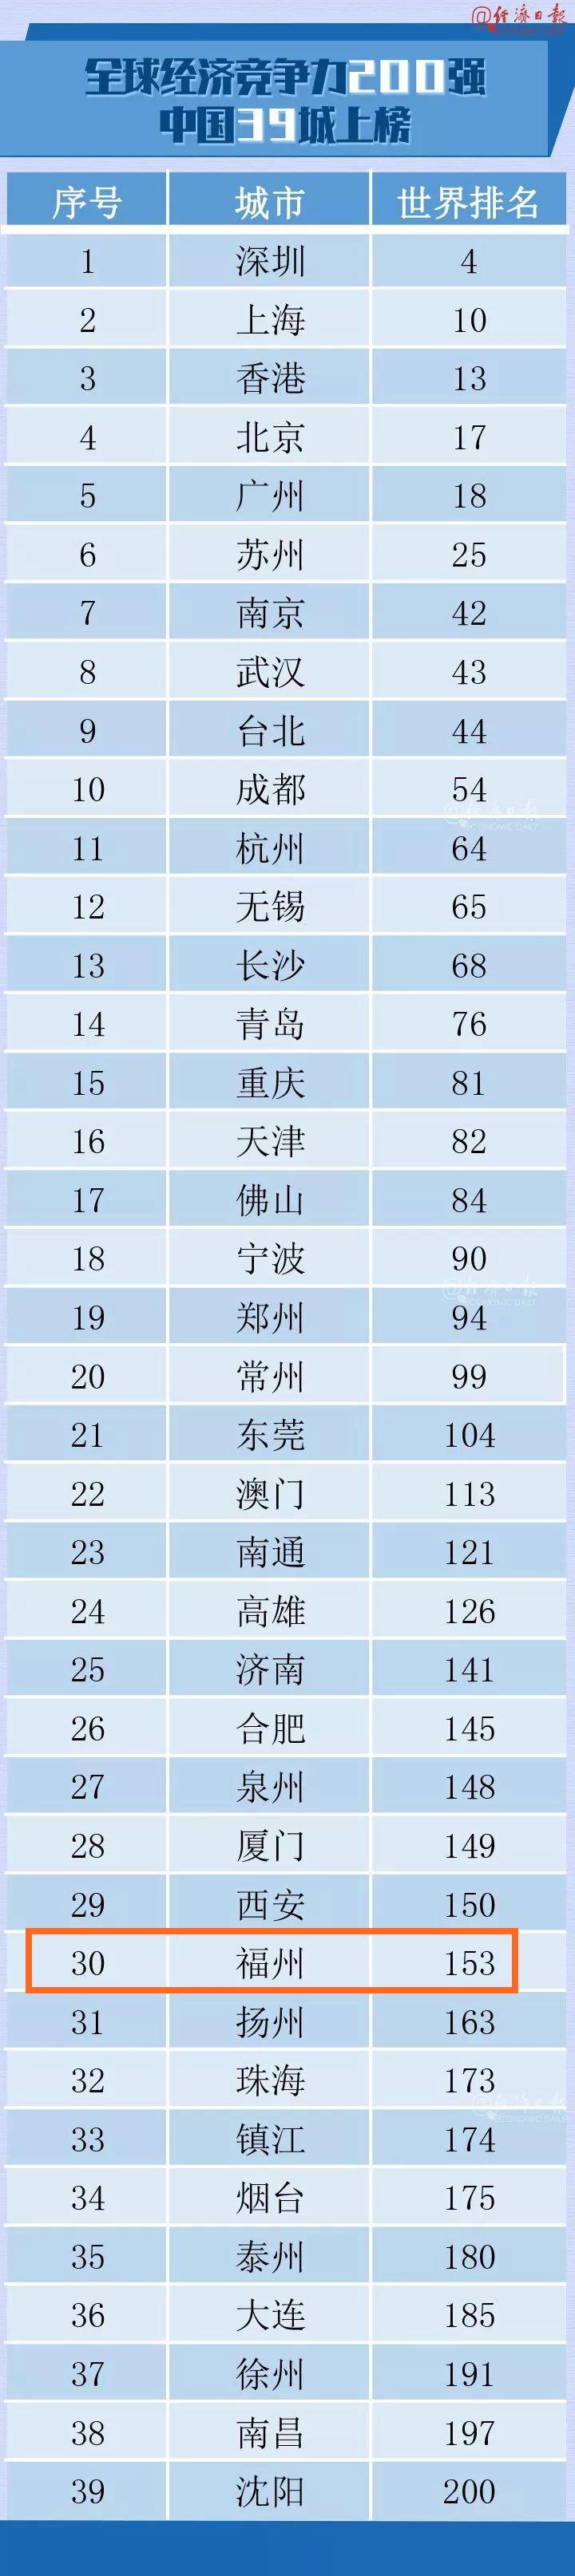 重磅!全球城市竞争力榜单发布,福州排在……